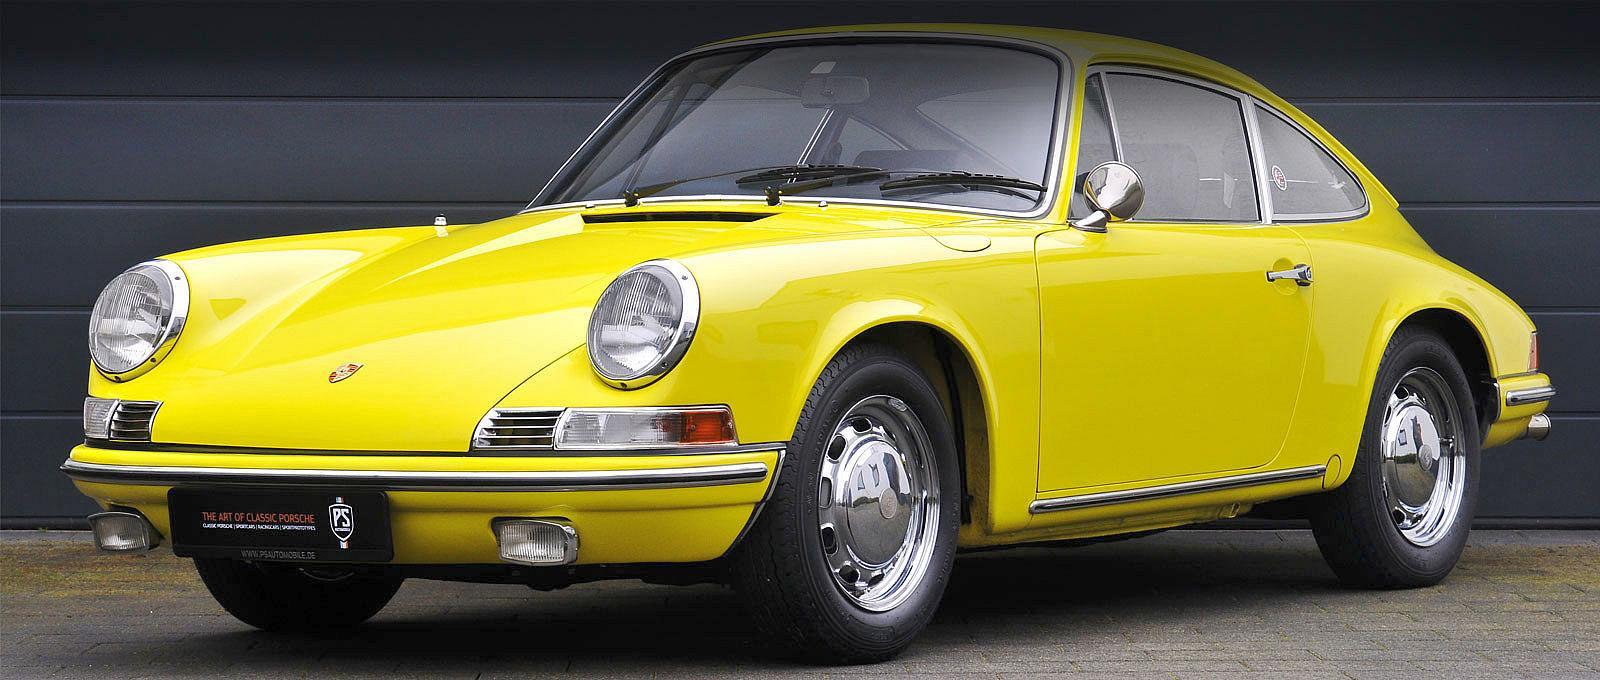 Porsche 911 2.0 T Coupé – Sportomatic